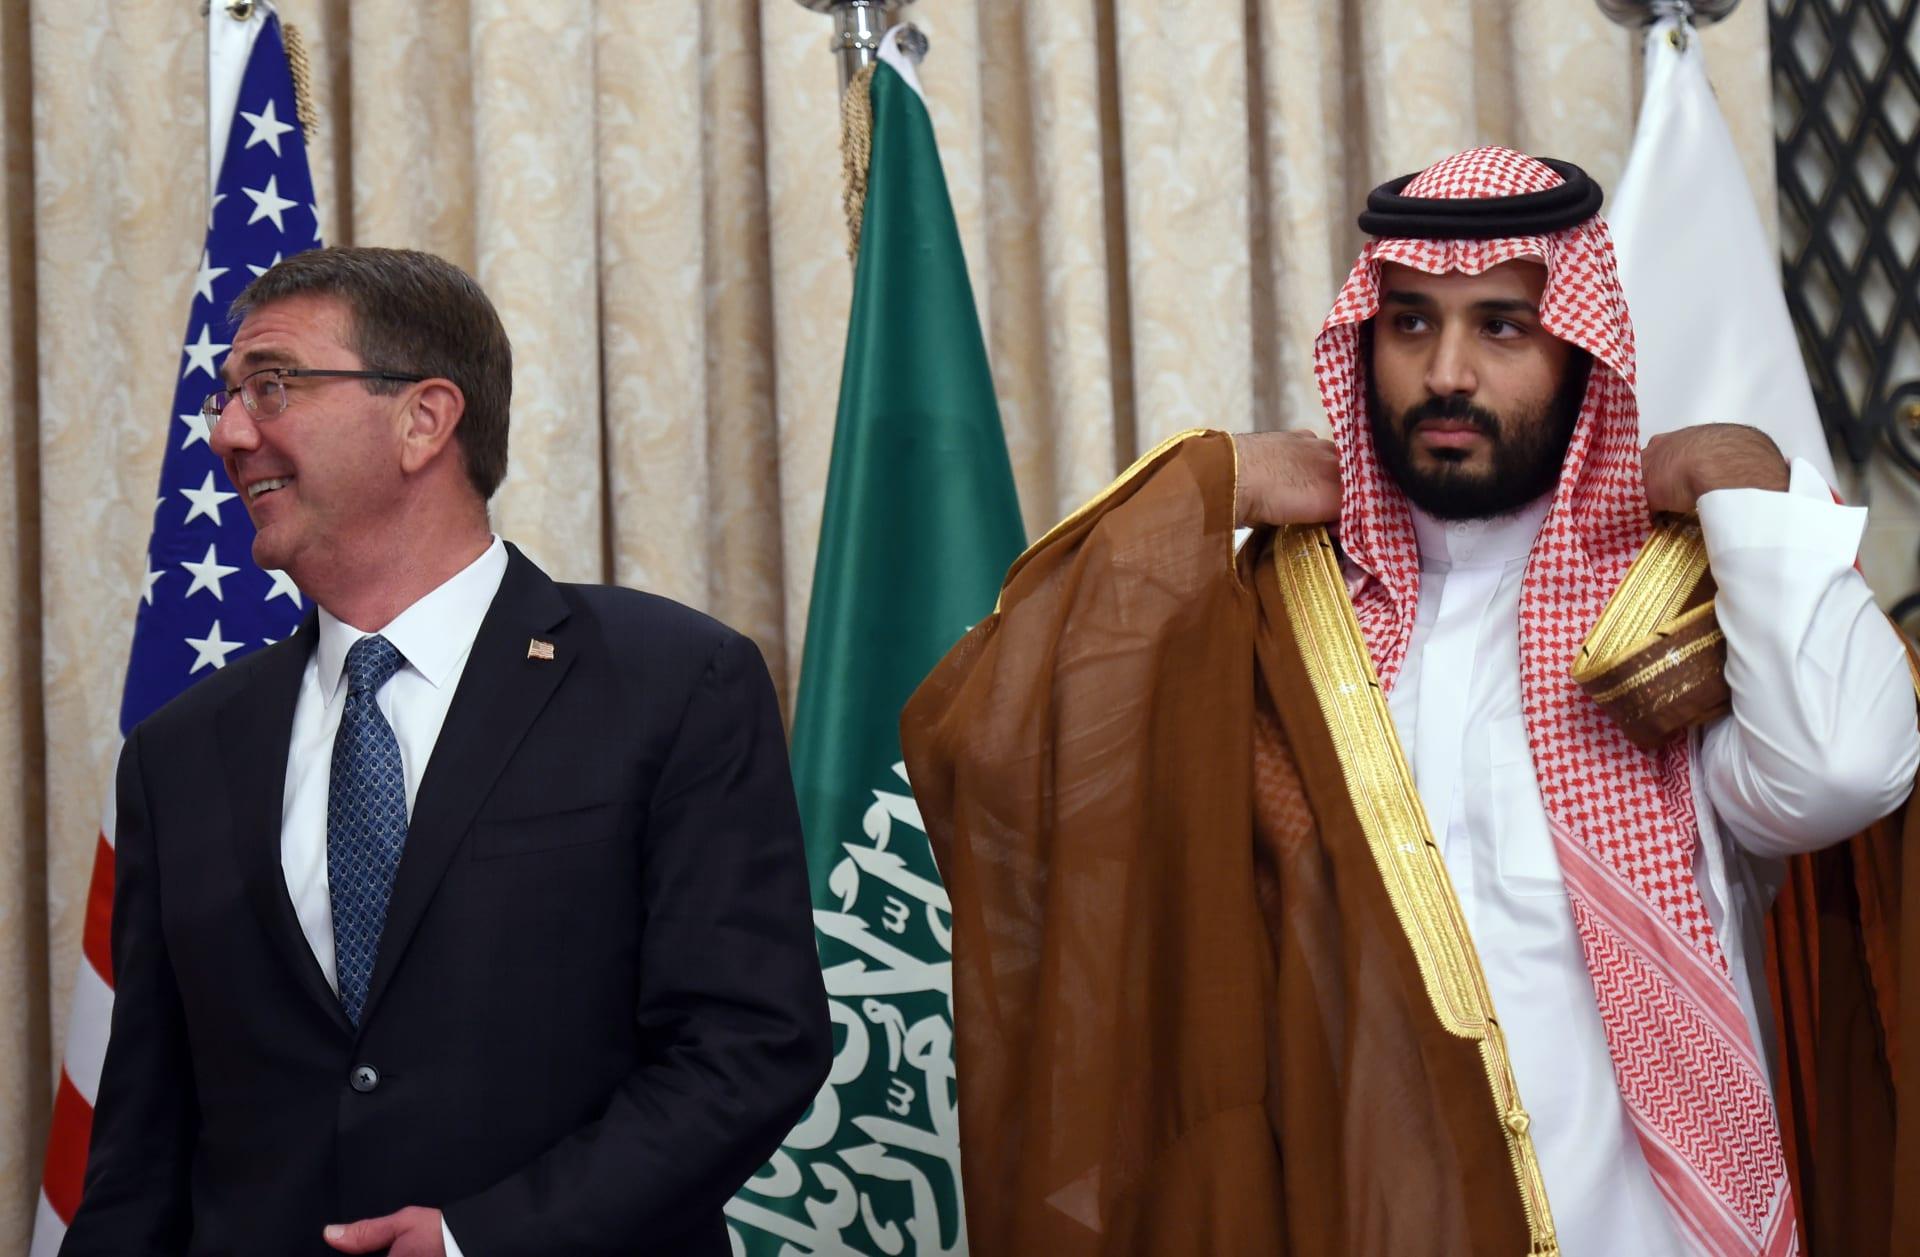 ولي عهد السعودية: أمريكا اقترفت خطأين.. وسوريا جزء من نفوذ روسيا